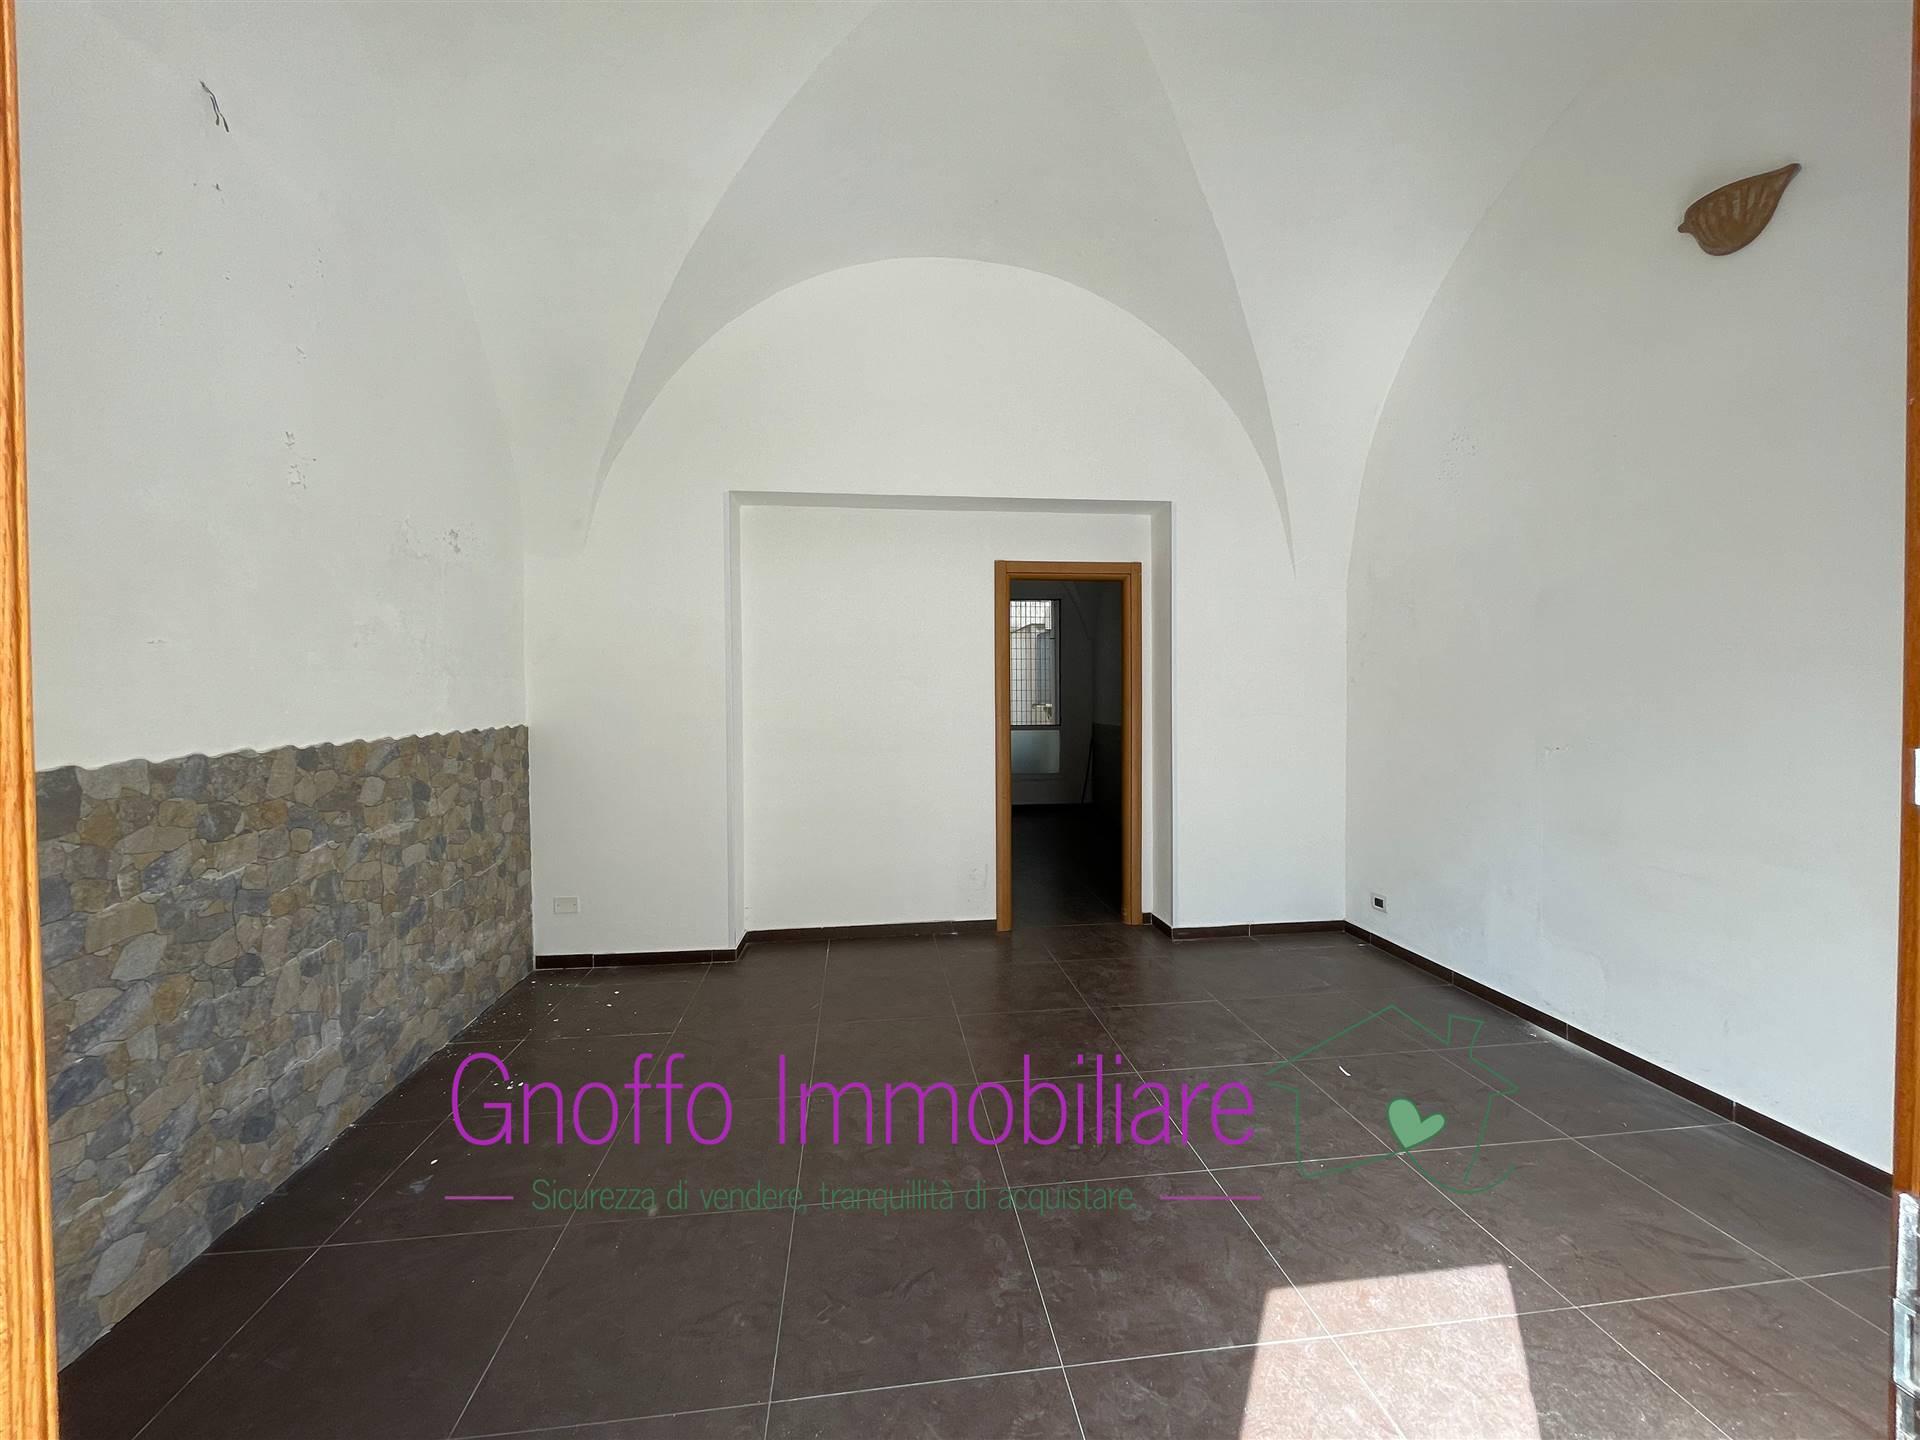 Negozio / Locale in affitto a Trapani, 1 locali, zona Zona: Centro storico, prezzo € 400 | CambioCasa.it